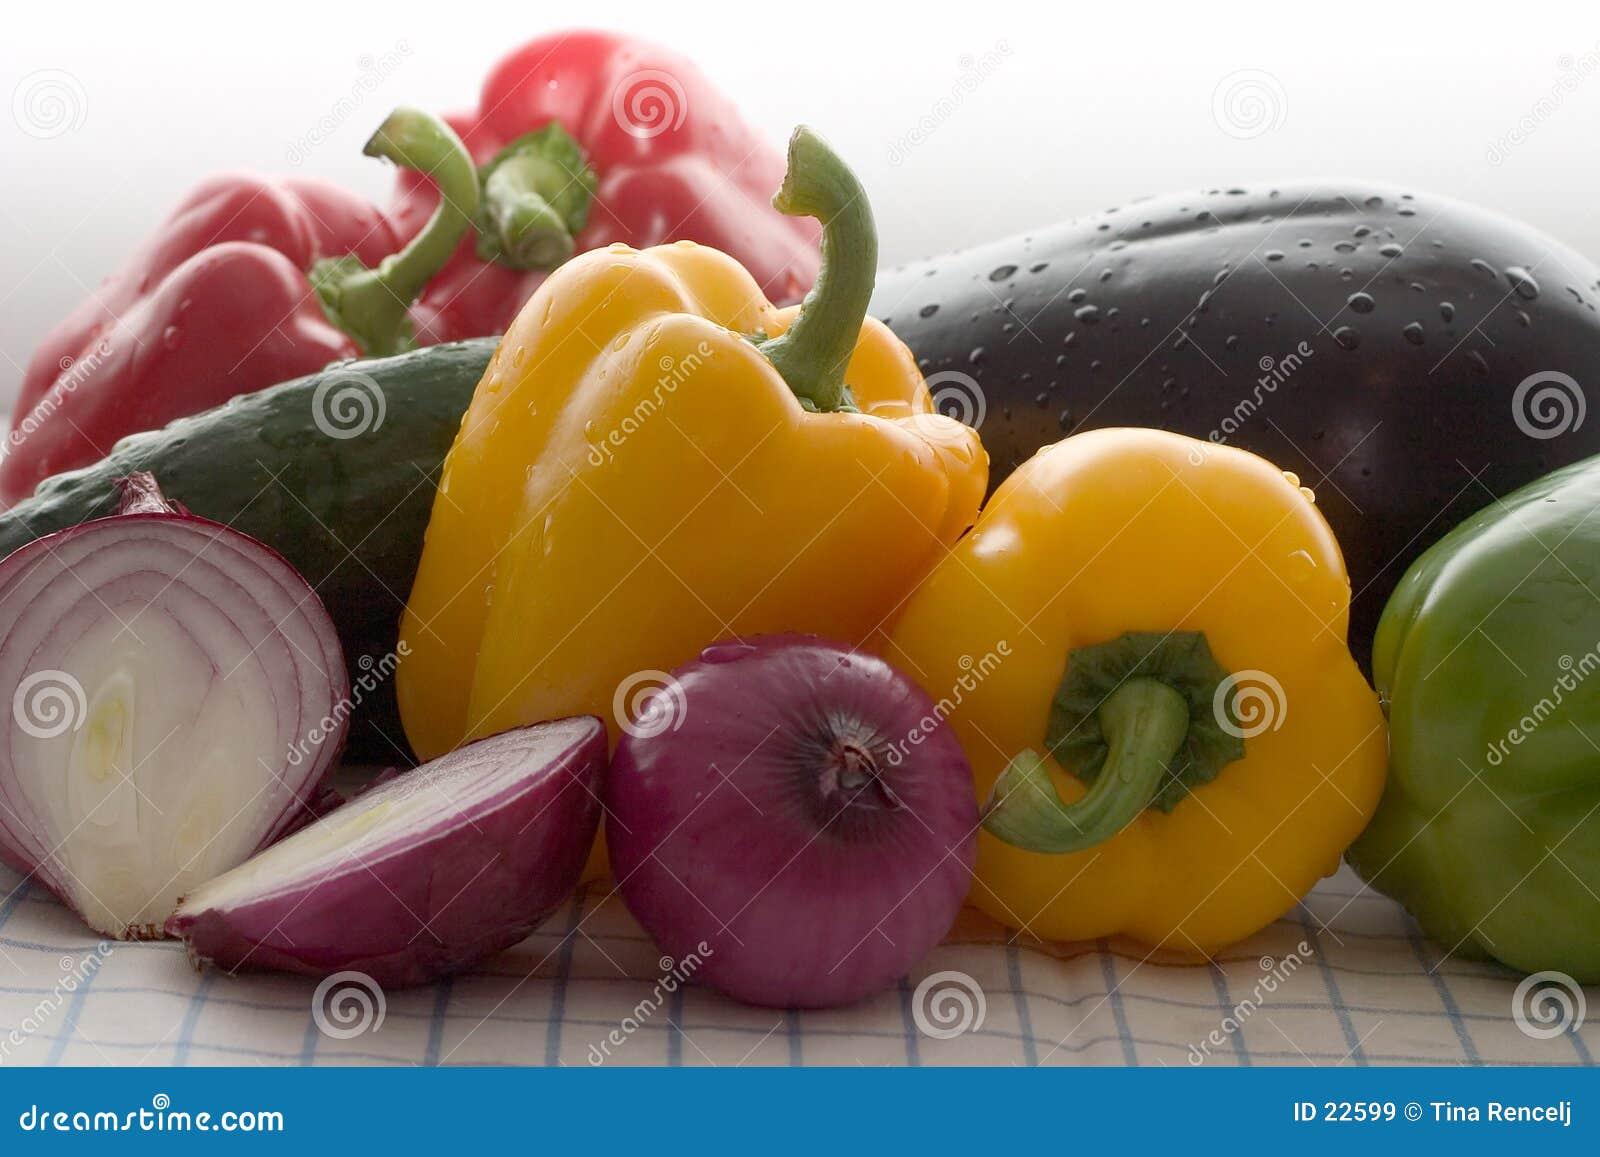 Farbiges Frischgemüse